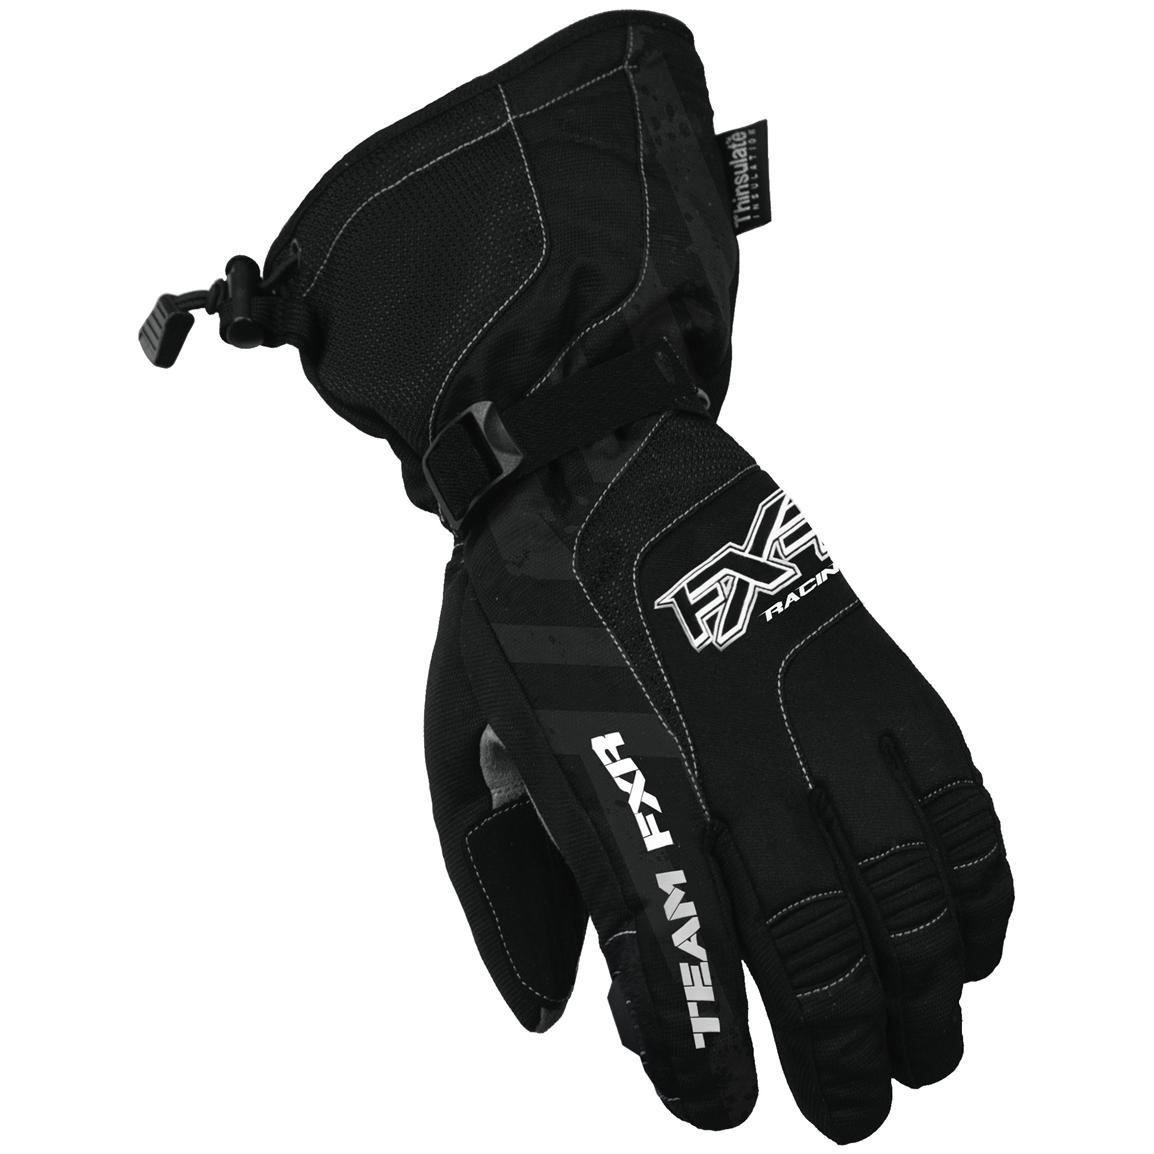 2db9a0df4903 Перчатки для снегохода Fxr Backshift M, мужские, черные в Москве ...